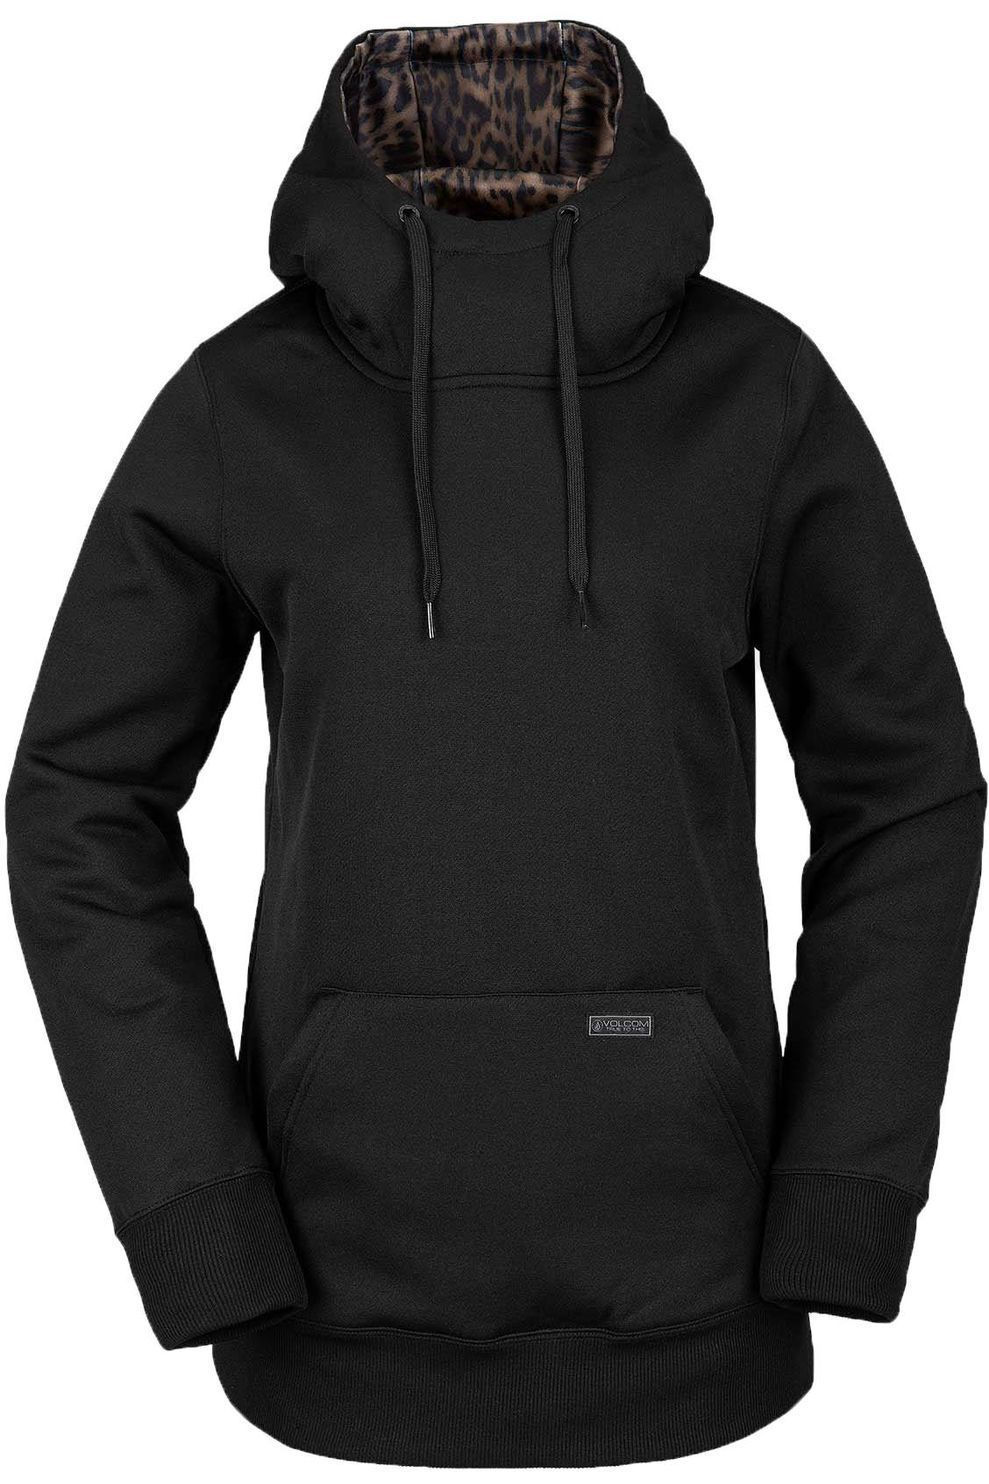 Volcom Trui Yerba Pullover Fleece voor dames - Zwart - Maat: S